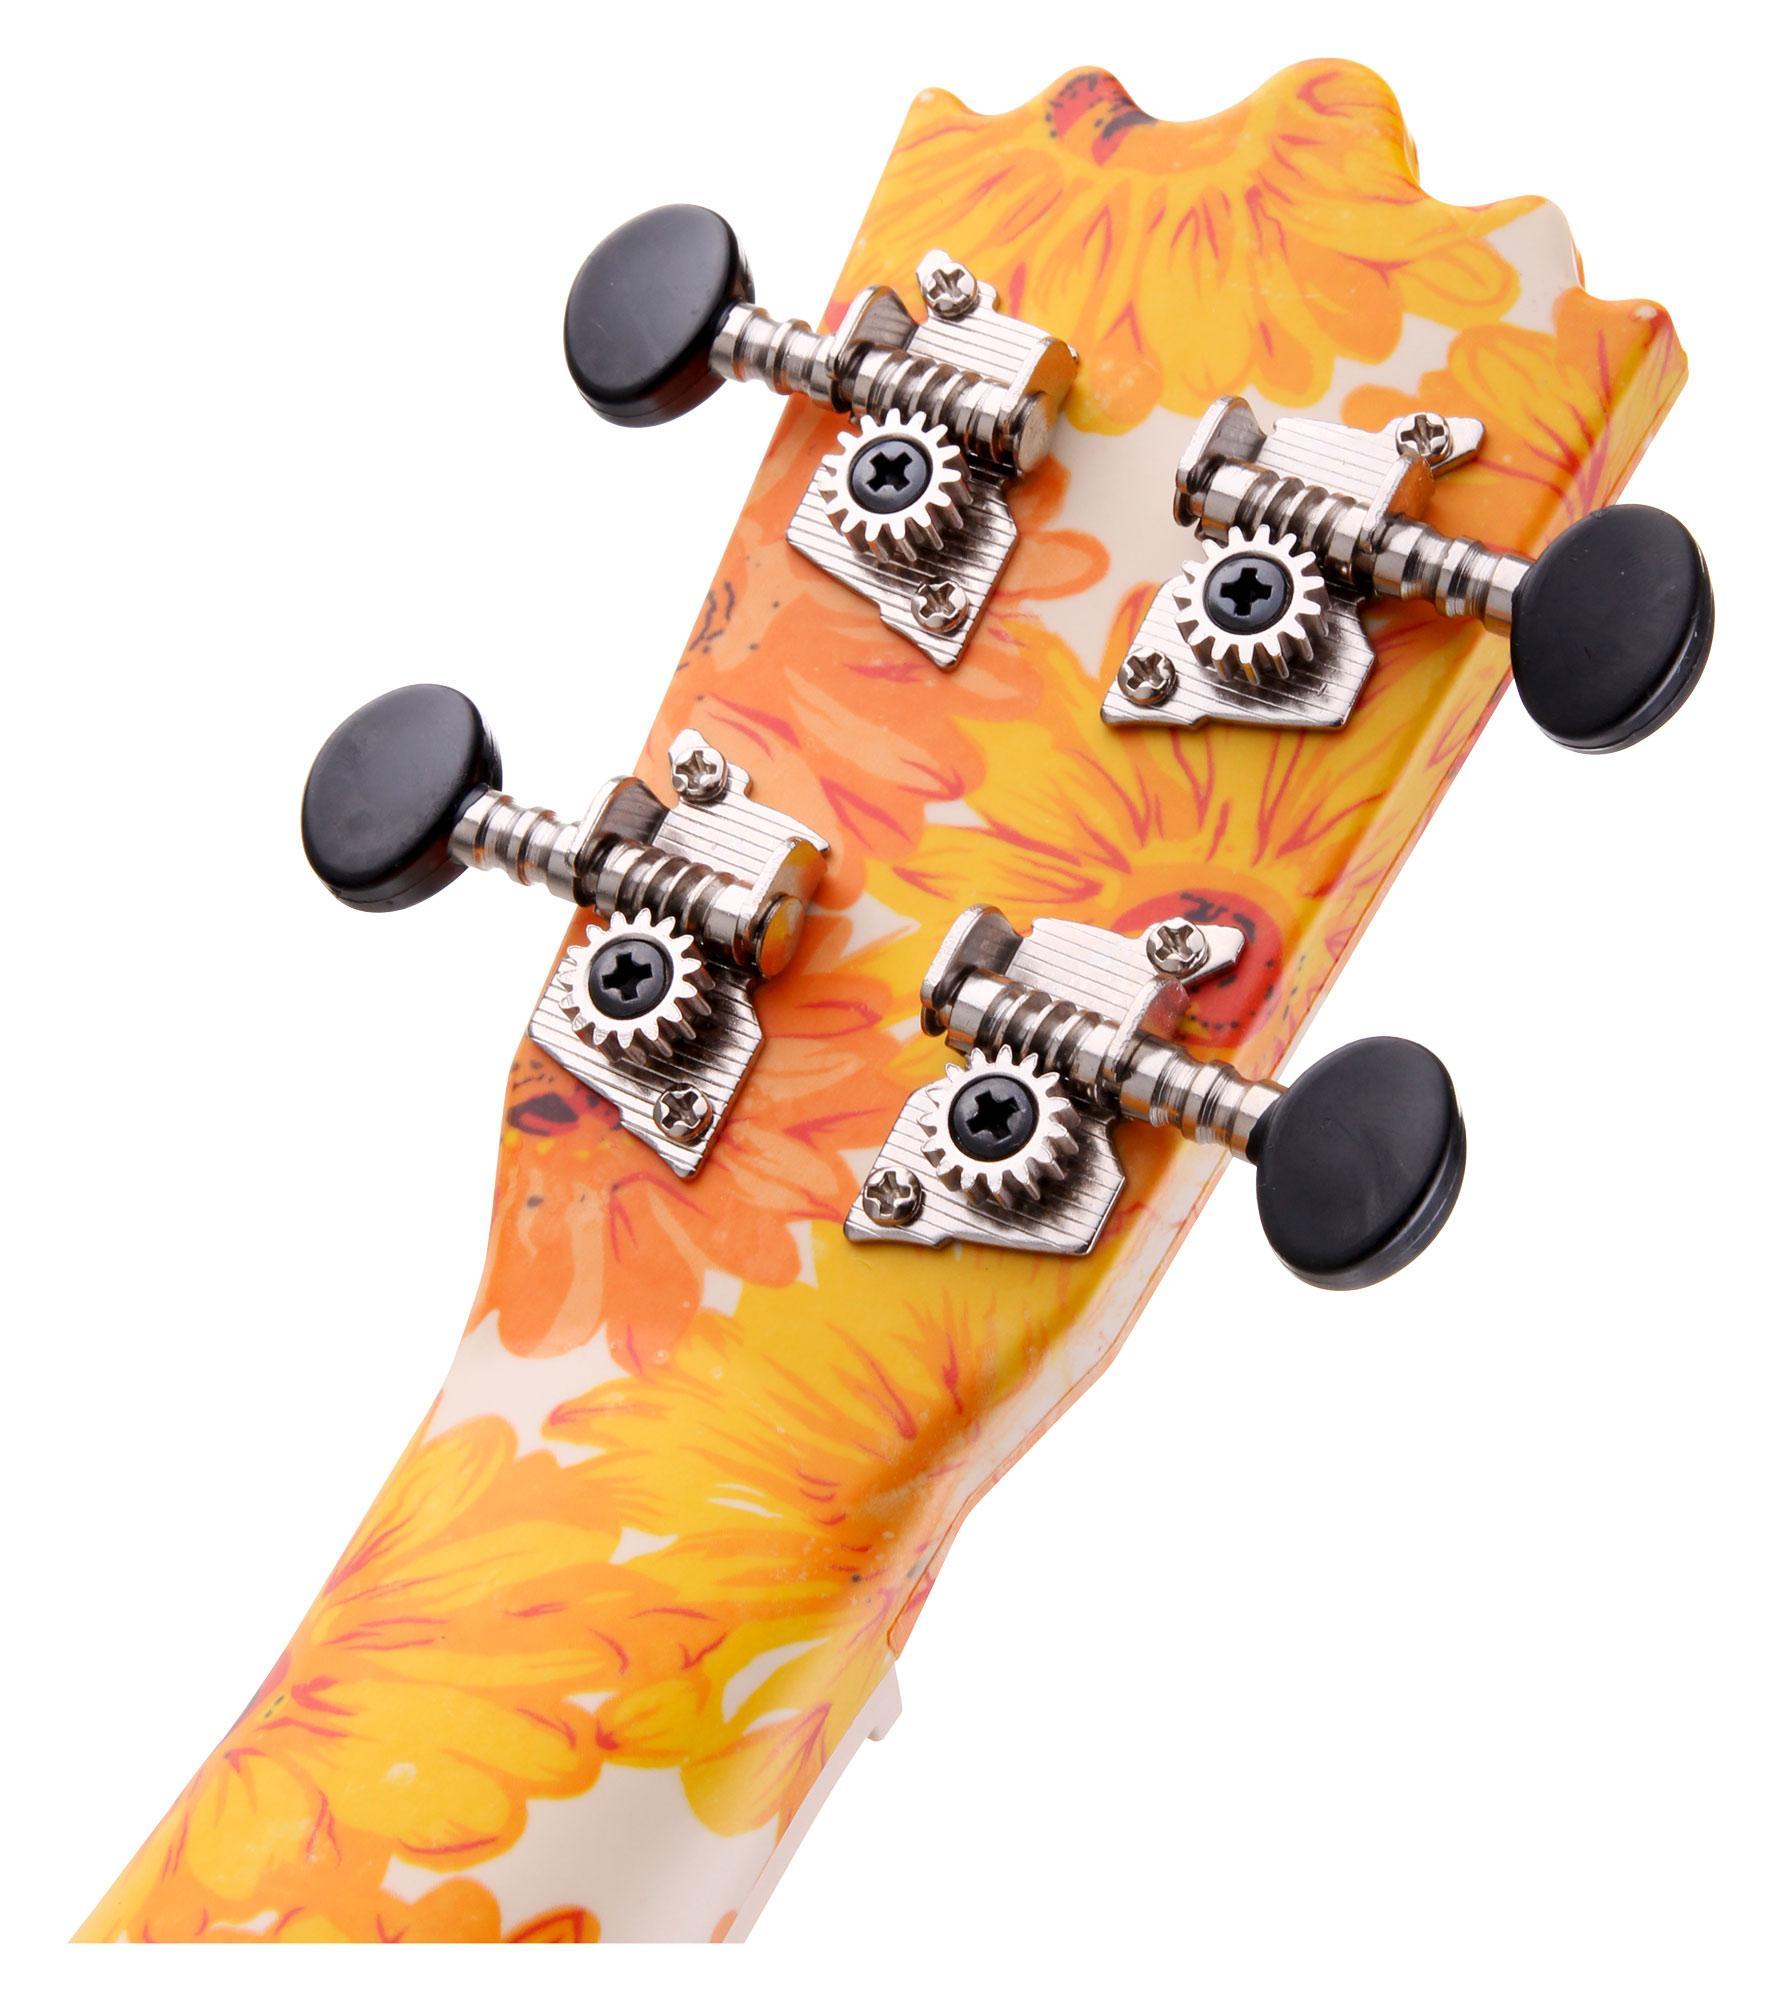 Afinador de ukulele con microfono online dating 1